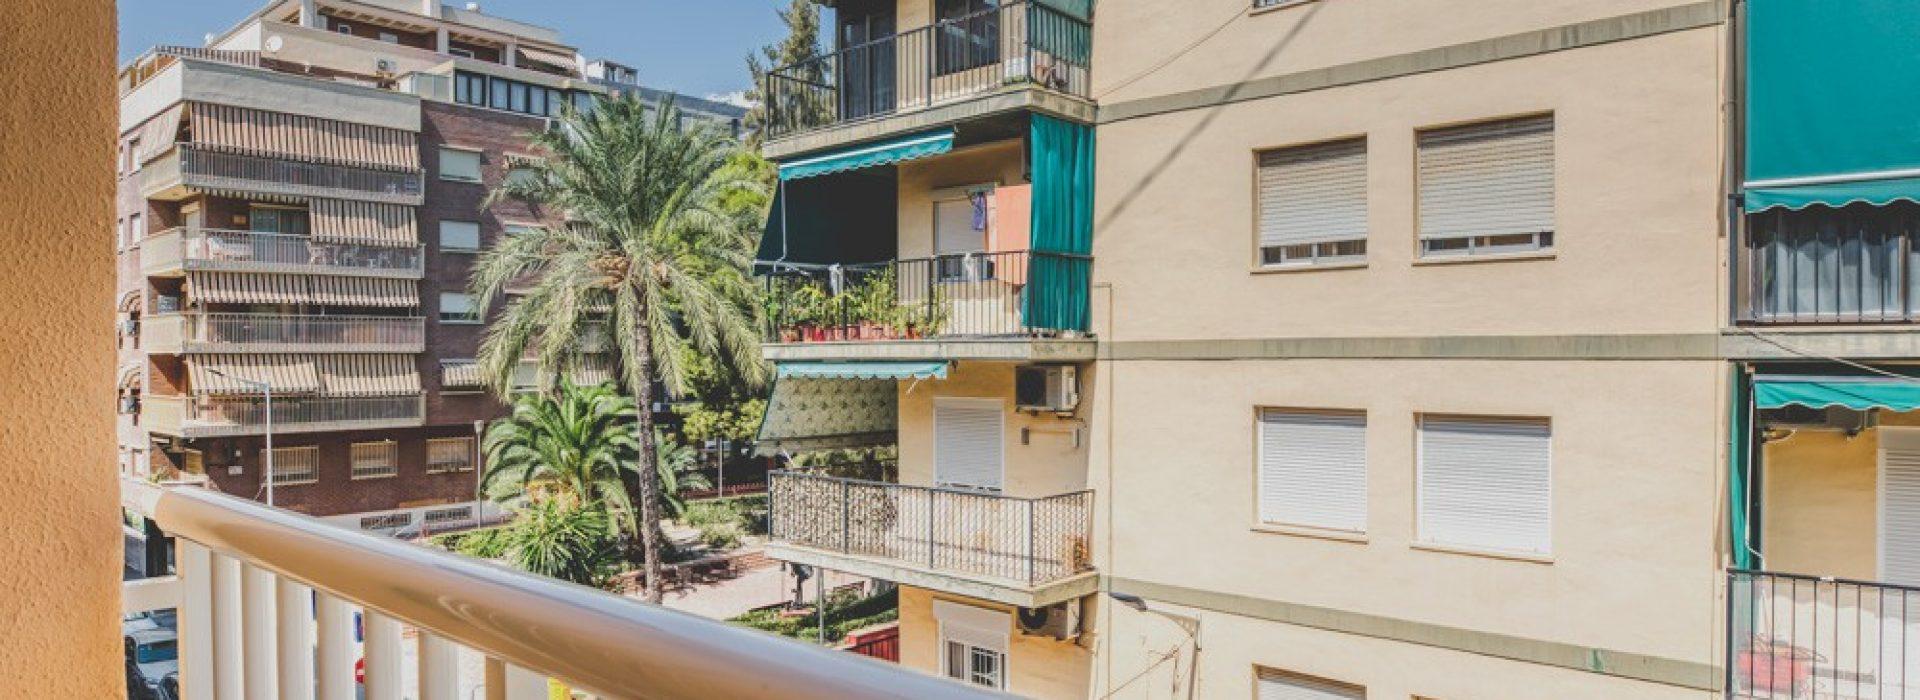 apartament-w-centrum-benidorm-tylko-150-metrow-od-plazy-4-24424